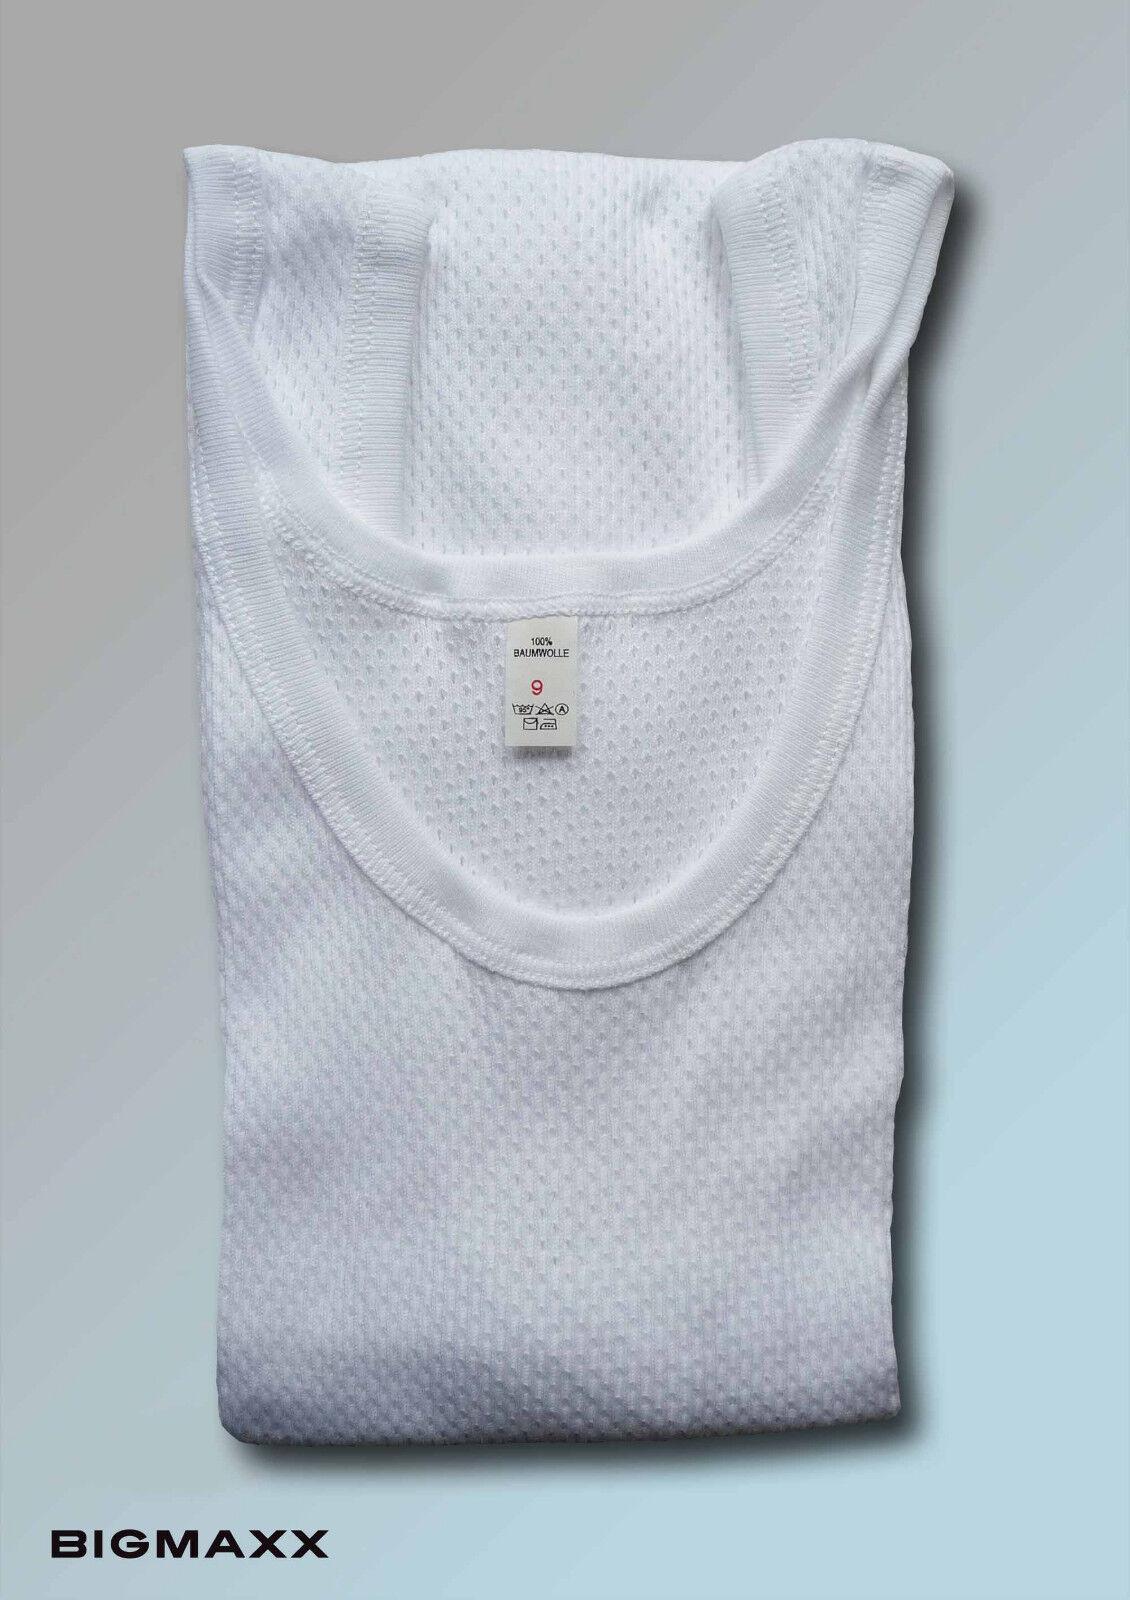 6x Set Herrenunterhemden Rippunterhemd Unterhemd Bellaripp Bellaripp Bellaripp Netzhemd weiß Gr 5-10 | Leicht zu reinigende Oberfläche  | Niedrige Kosten  | Online einkaufen  | Perfekte Verarbeitung  | Hochwertige Materialien  32ce34